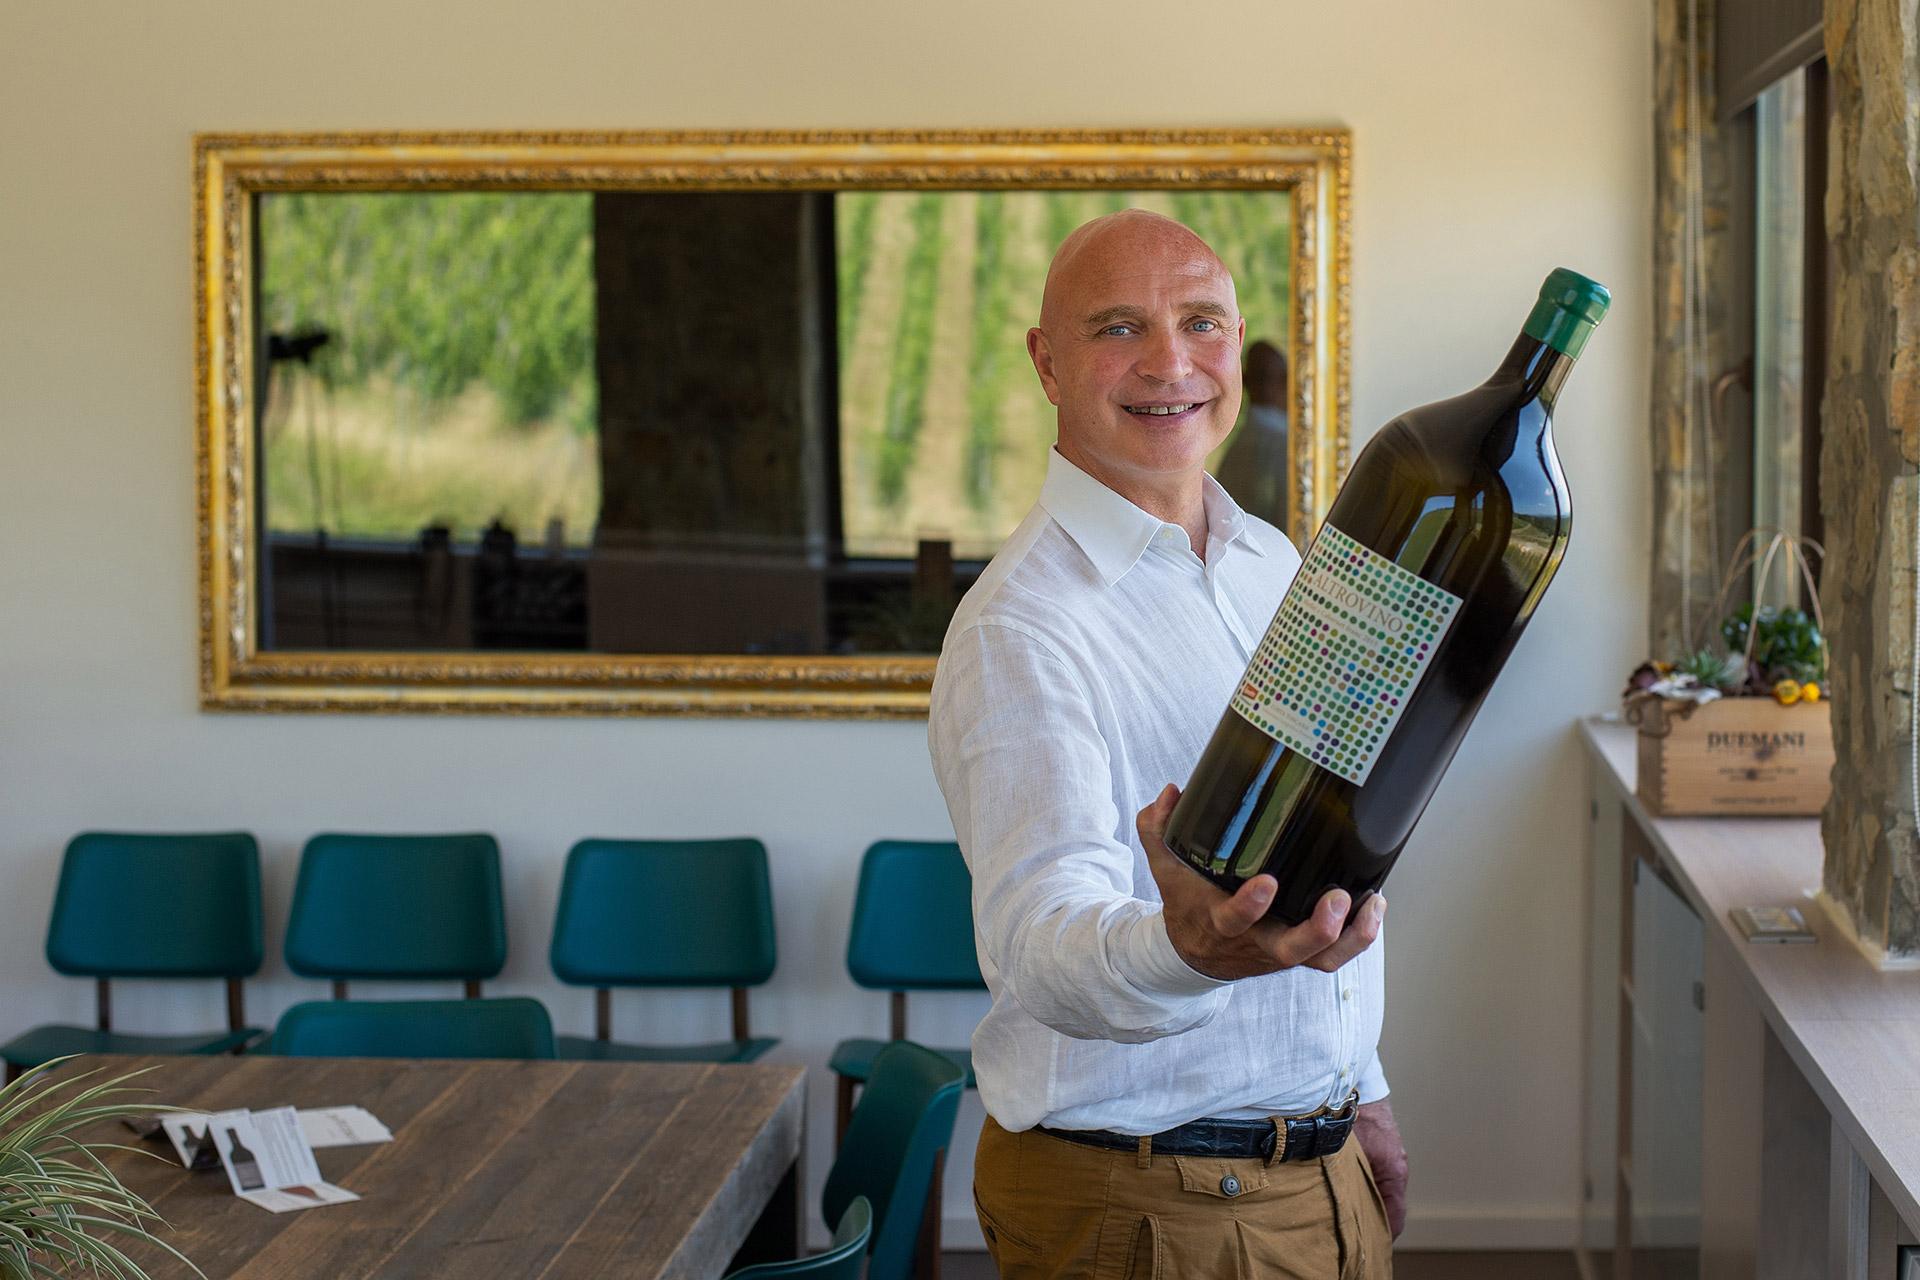 Luca D'Attoma con vino DueMani